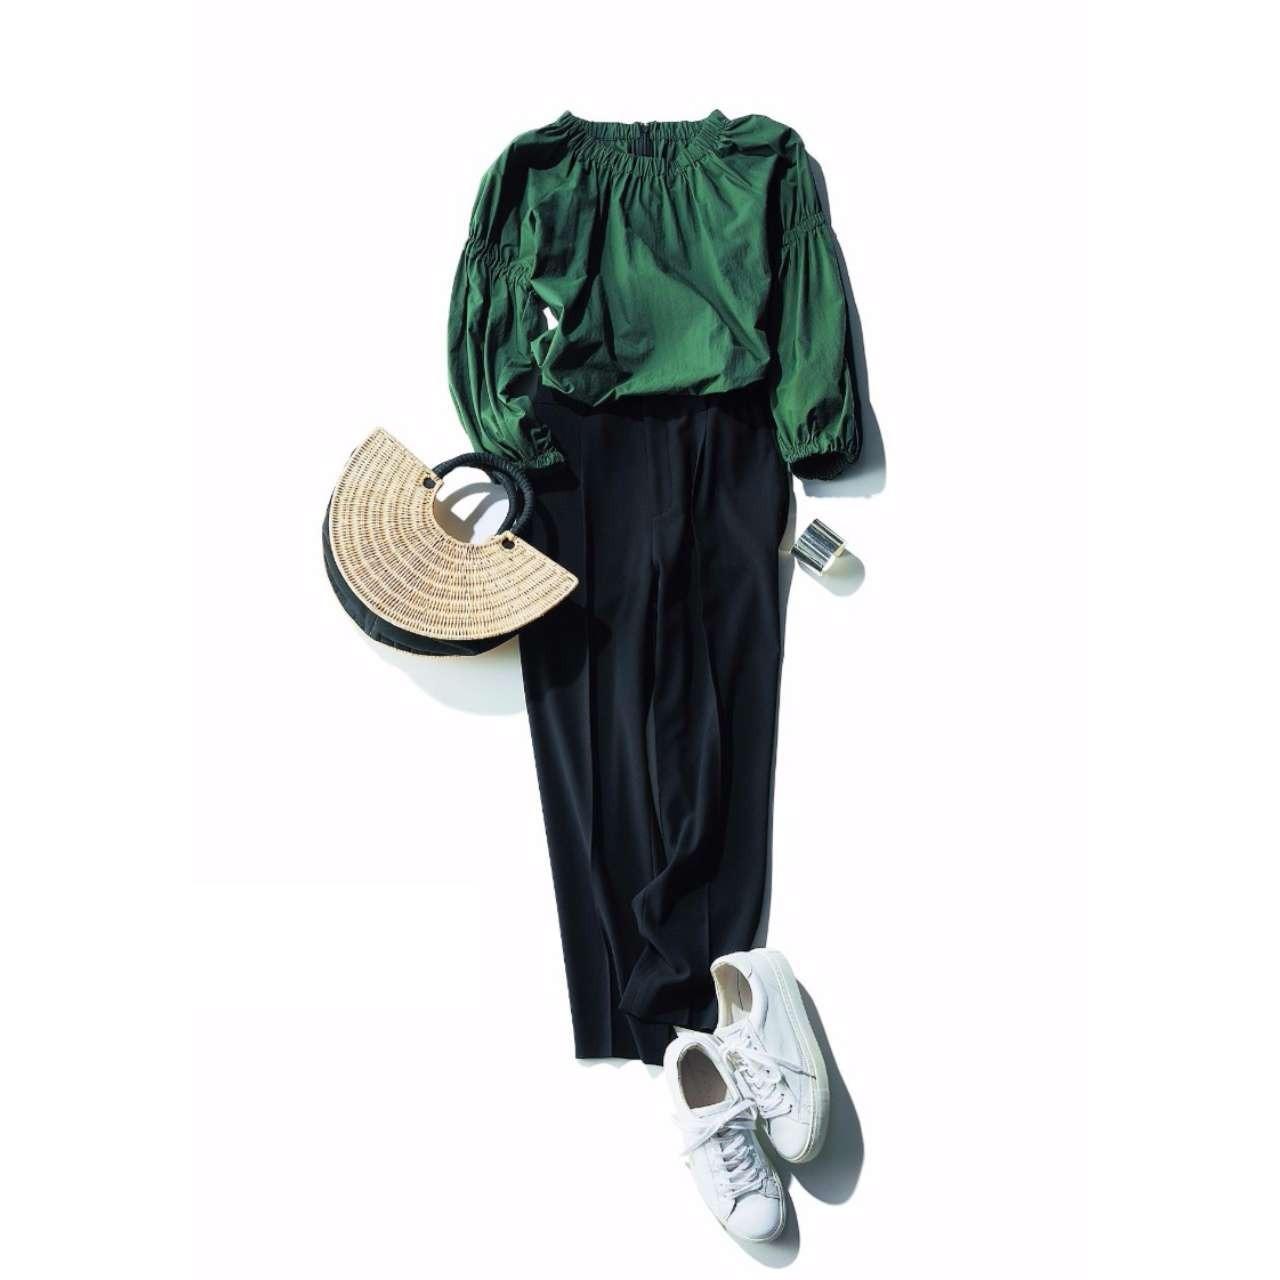 グリーンブラウス×黒パンツのファッションコーデ